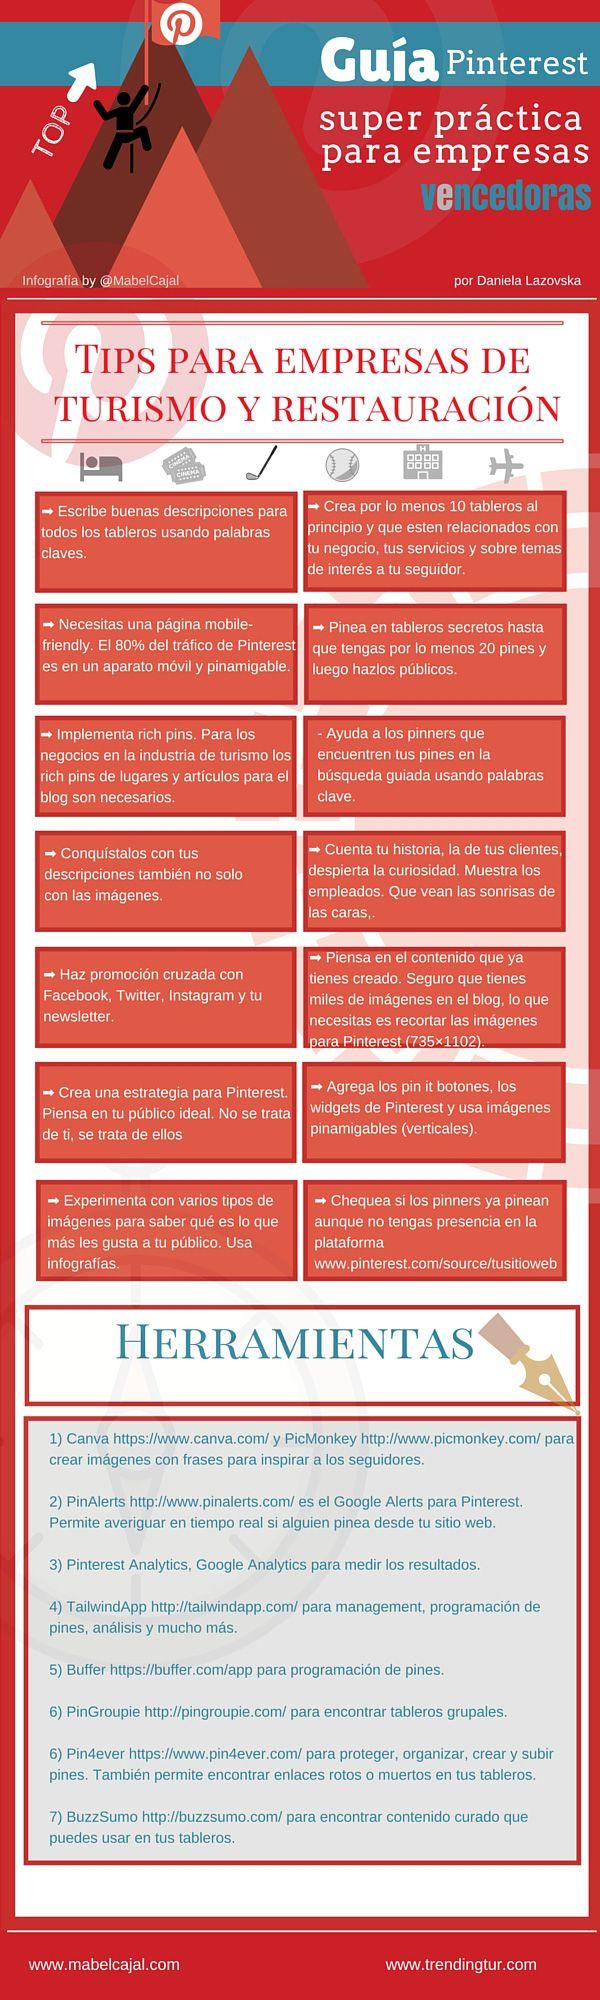 Una guía super práctica de Pinterest imprescindible para empresas de turismo, con prácticos consejos, ejemplos reales y herramientas  via @mabelcajal